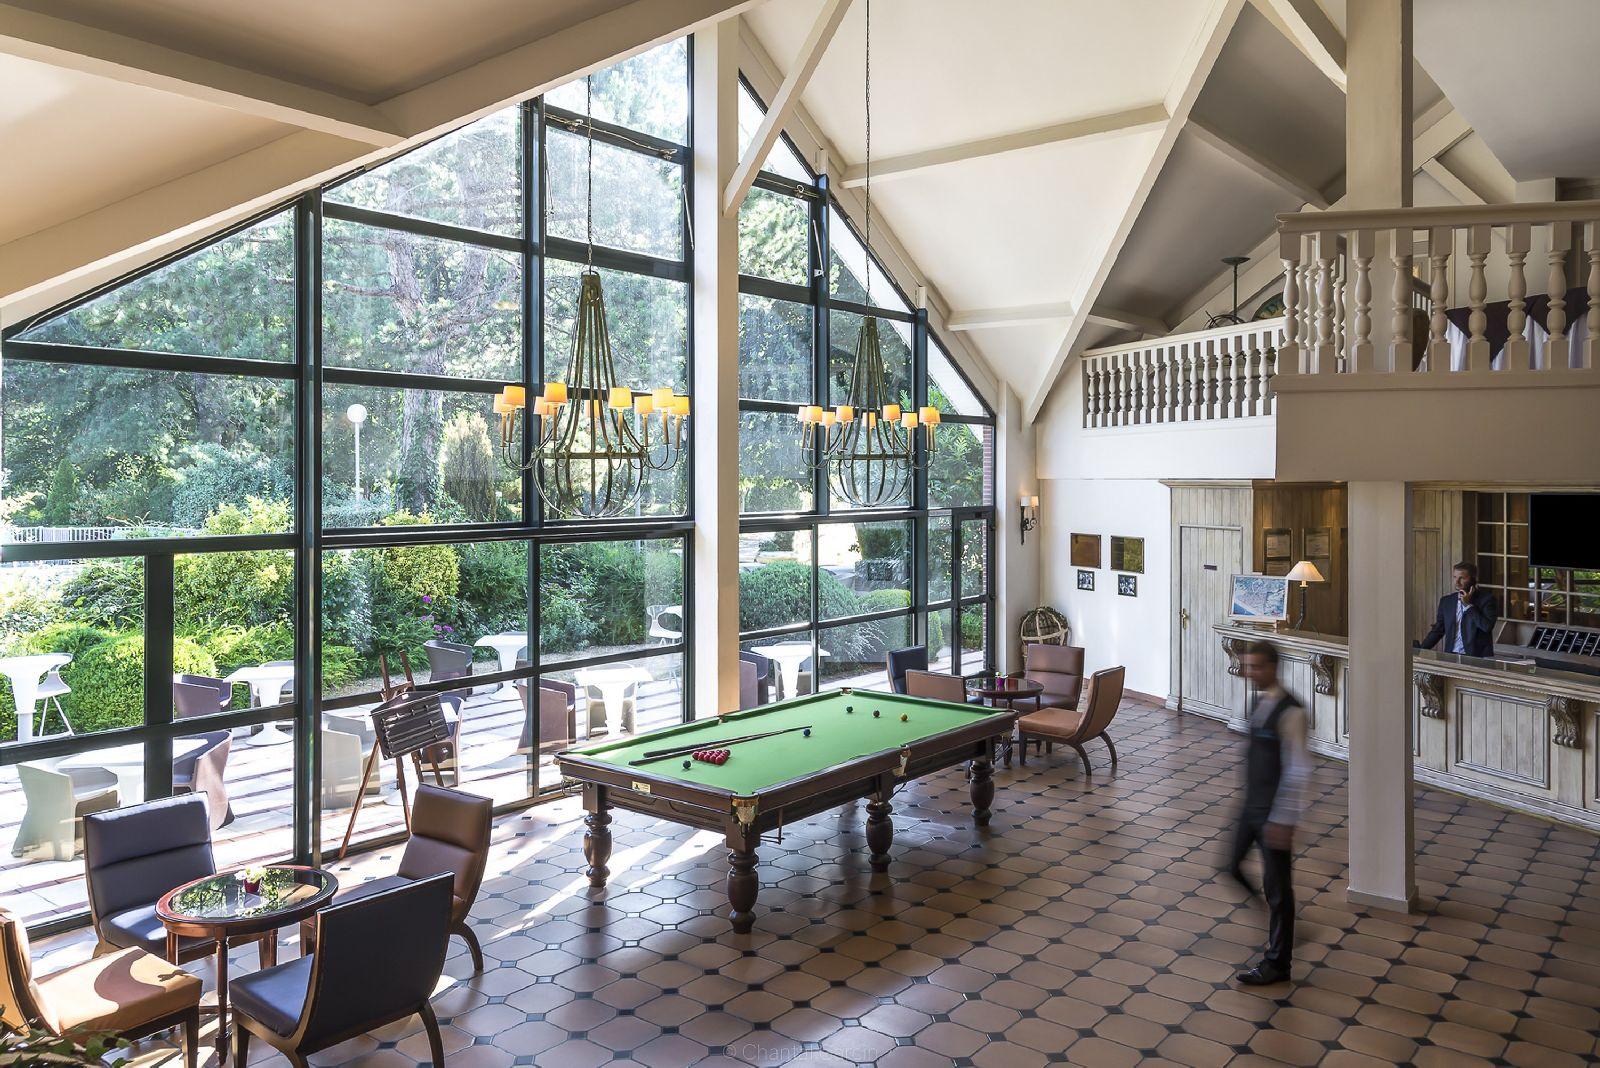 golf-expedition-golf-reizen-frankrijk-regio-pas-de-calais-hotel-du-parc-lounge-met-uitzicht-op-tuin-pooltafel.jpg